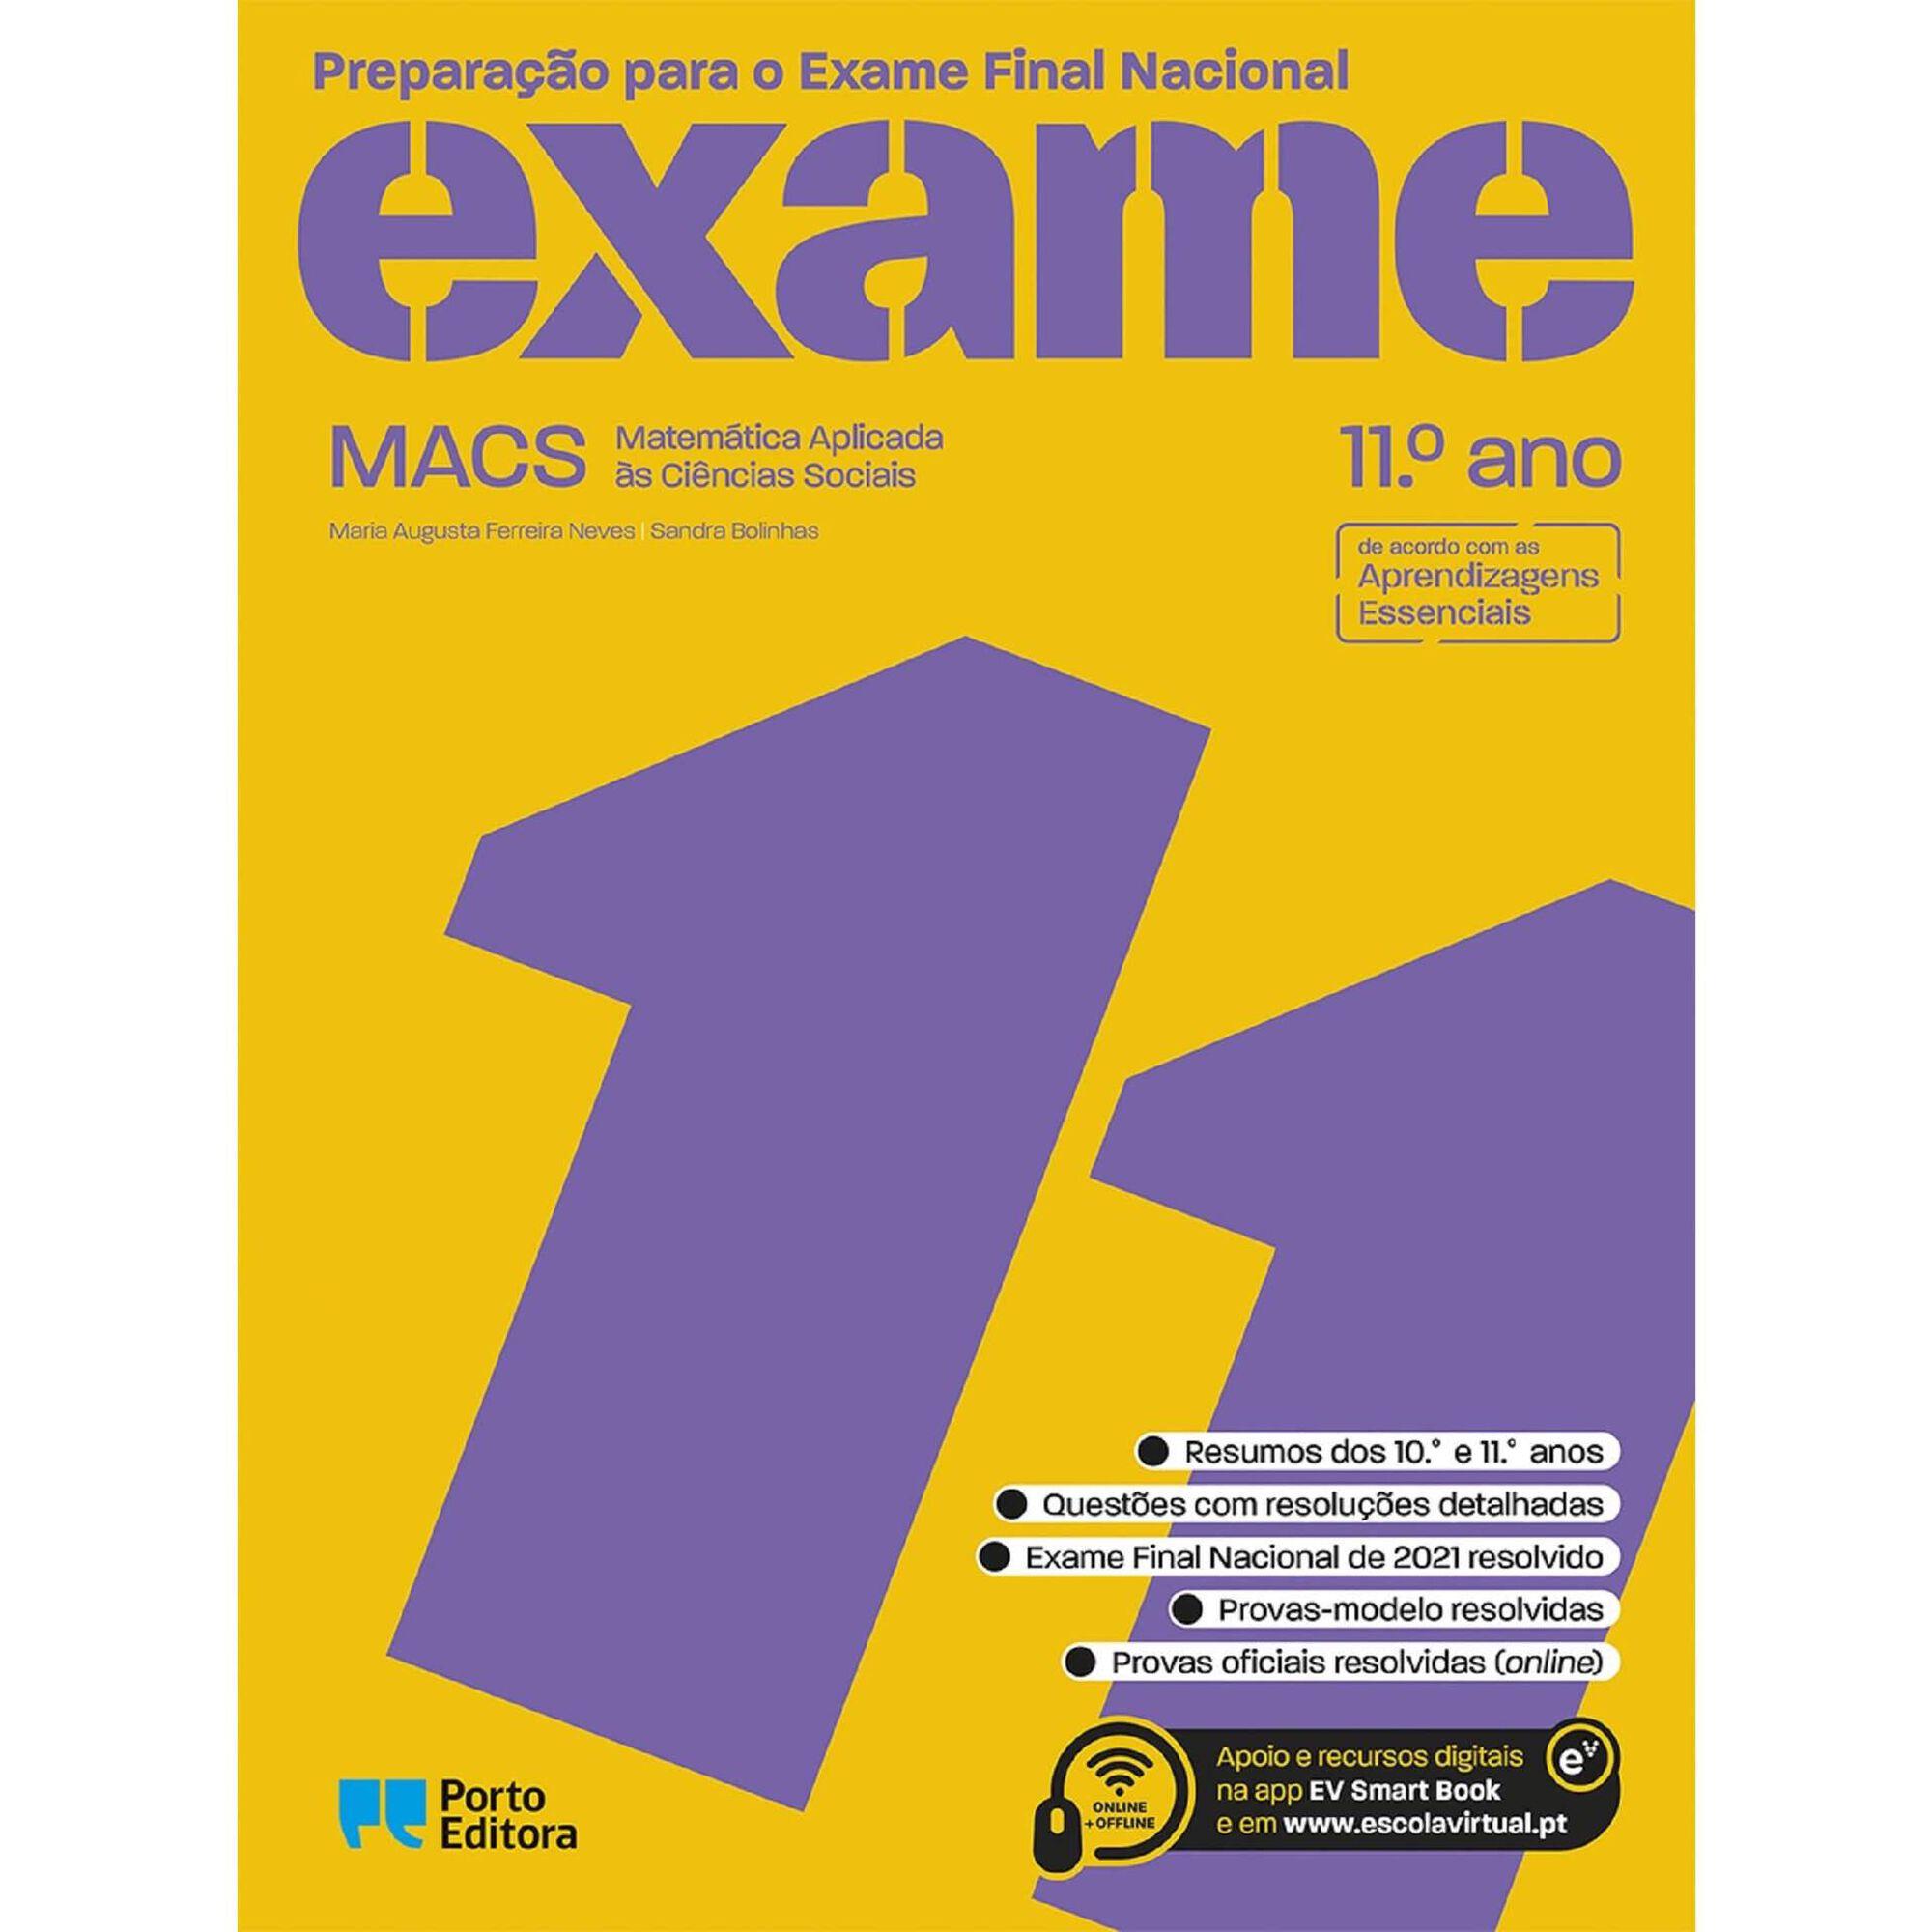 Preparação para o Exame Nacional - Macs - 11º Ano